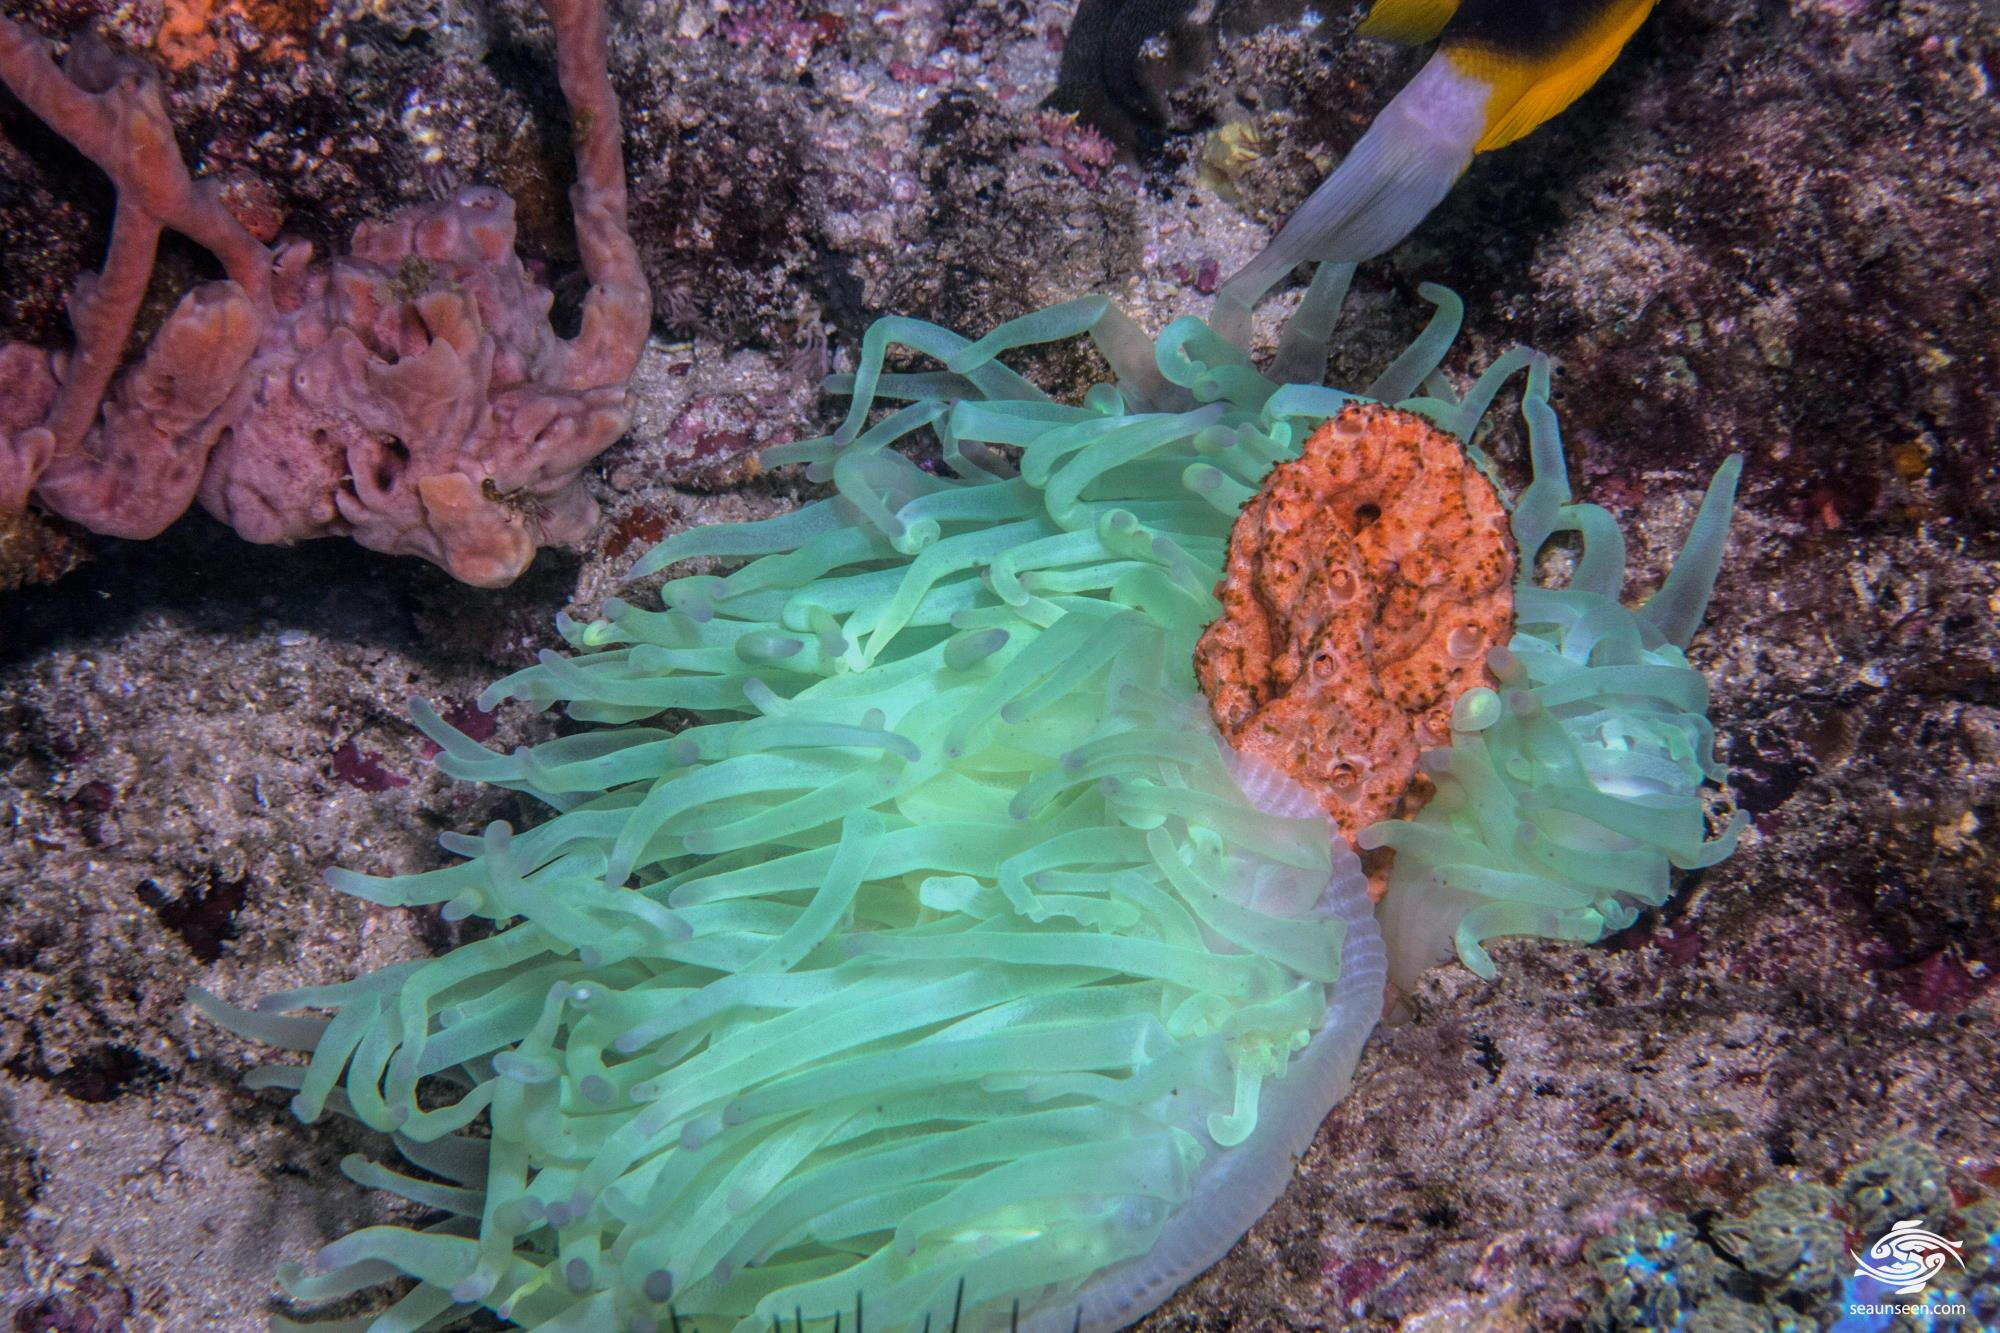 Bleaching Bubble Tip Anemone (entacmaea quadricolor)